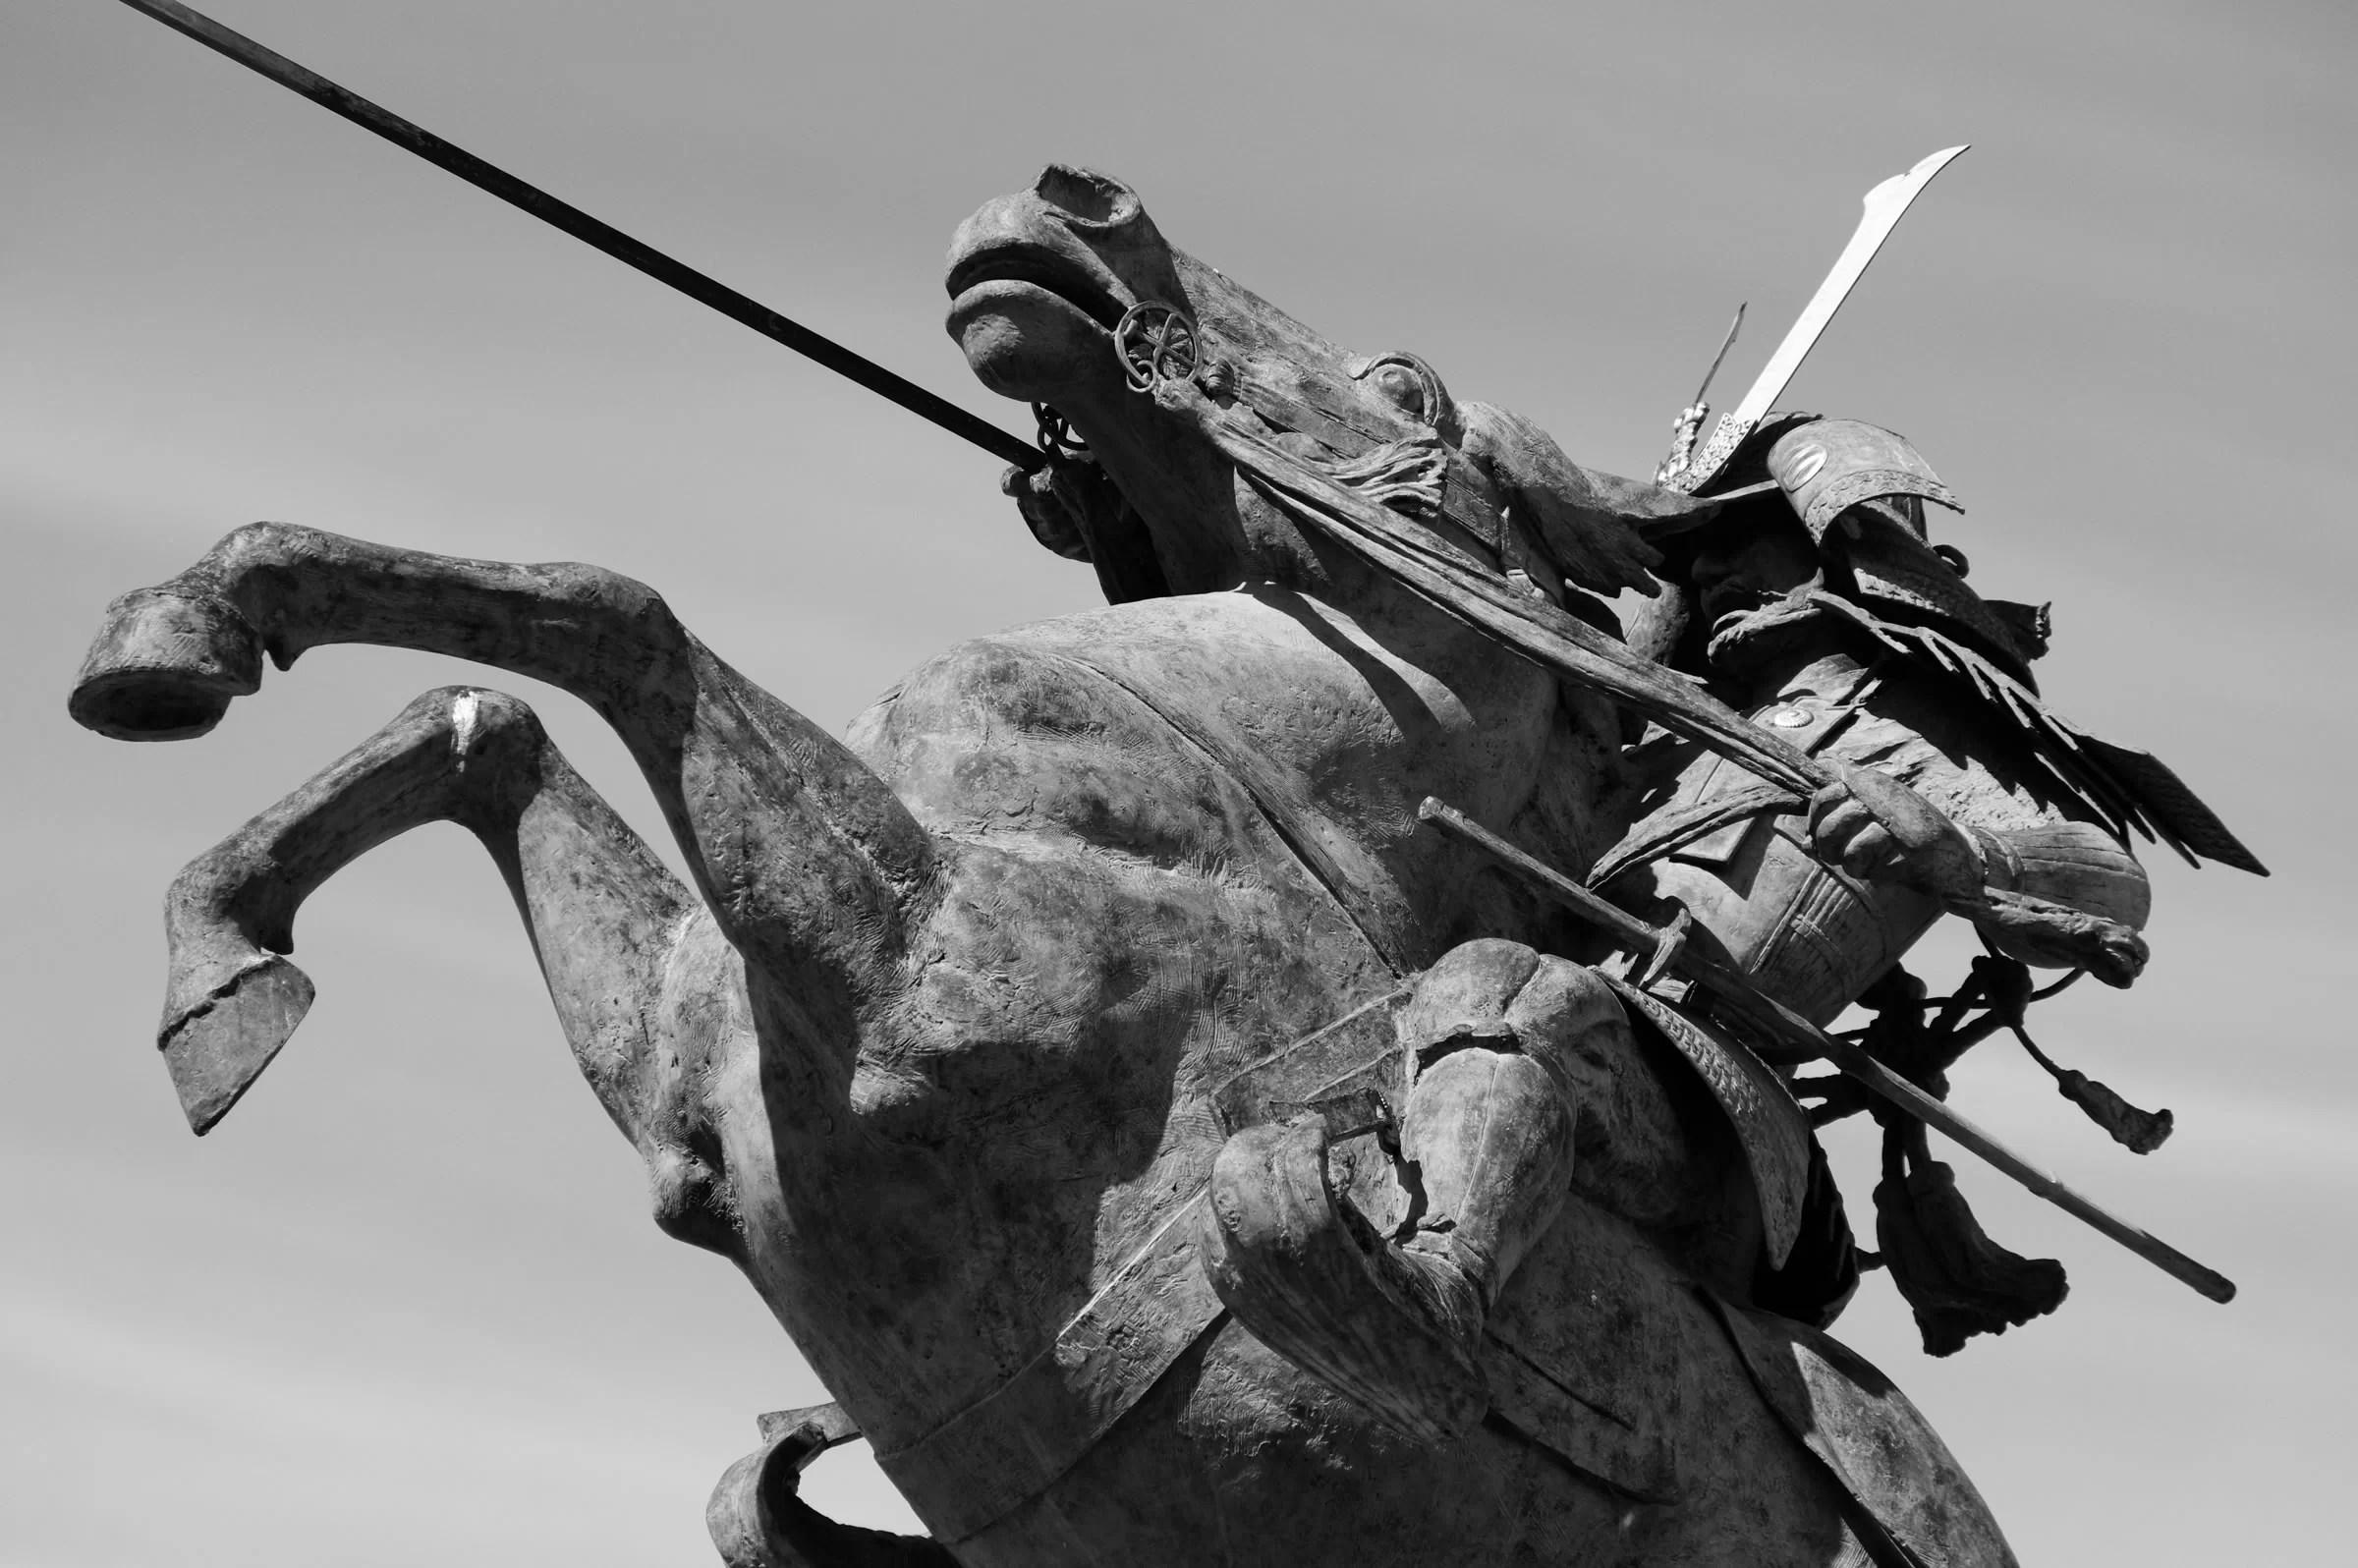 霞城公園の最上義光騎馬像:モノクロにしてみた